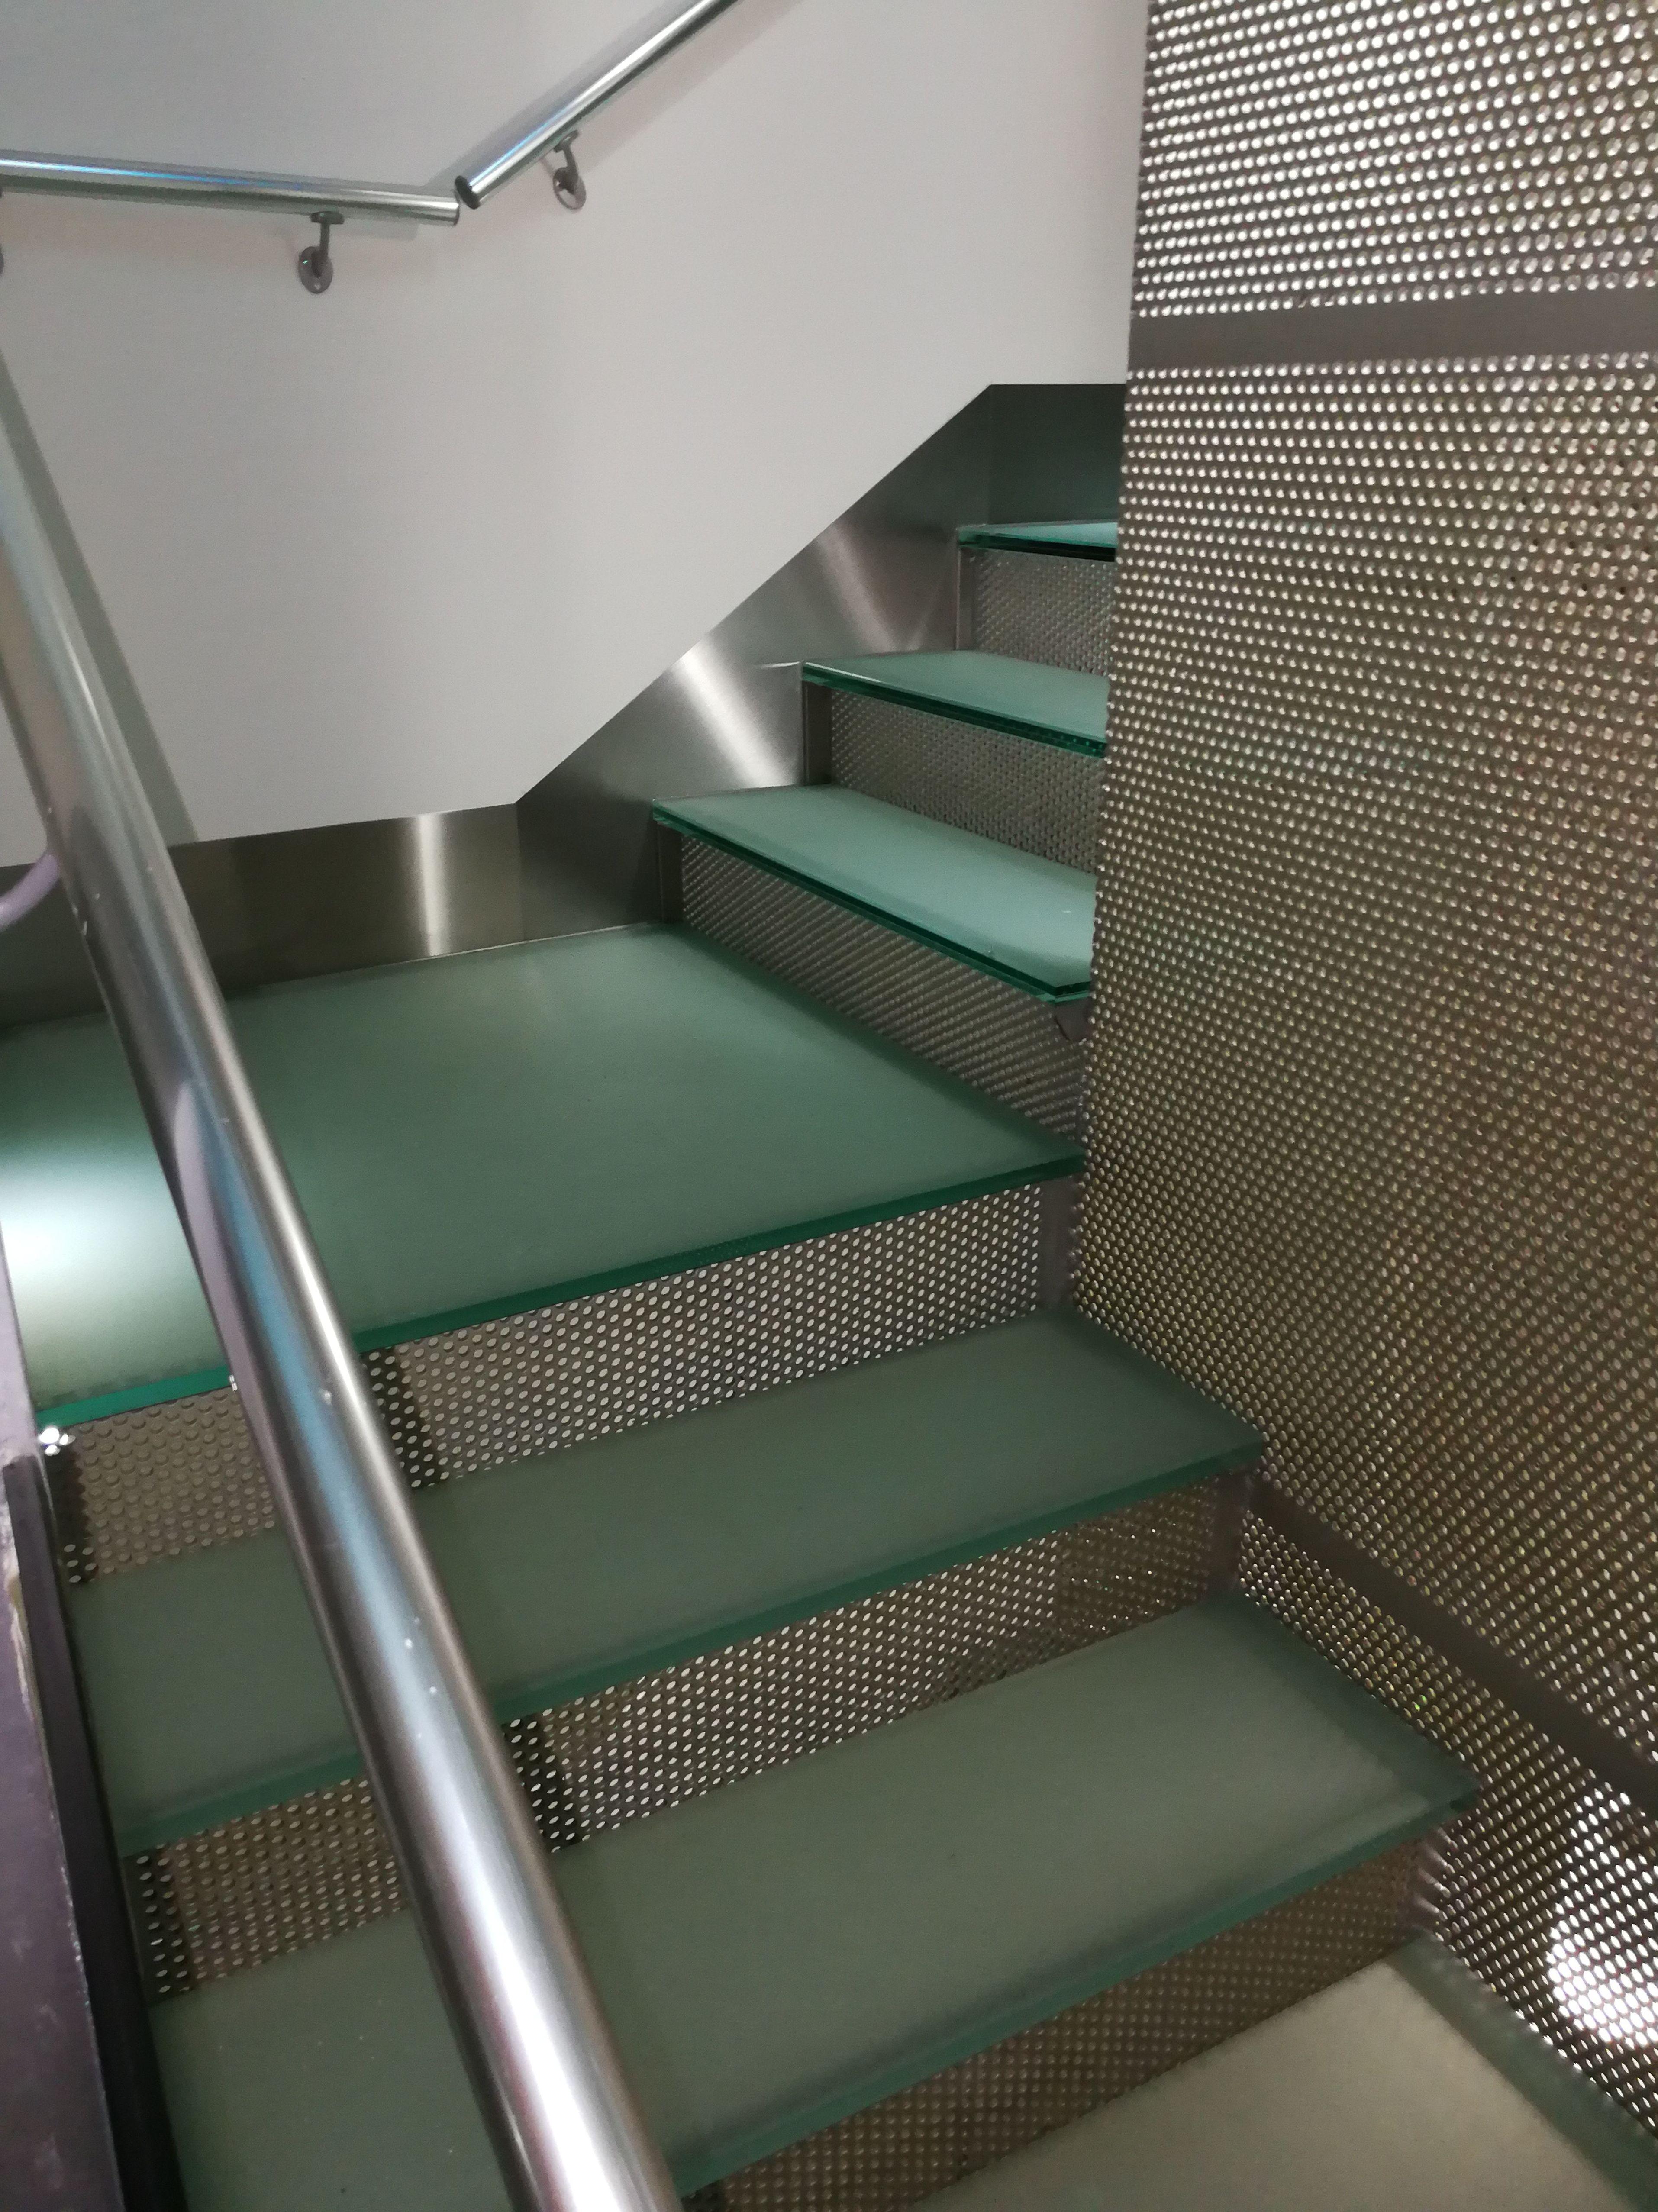 Zócalos de acero inoxidable en escalera de vidrio de hotel.